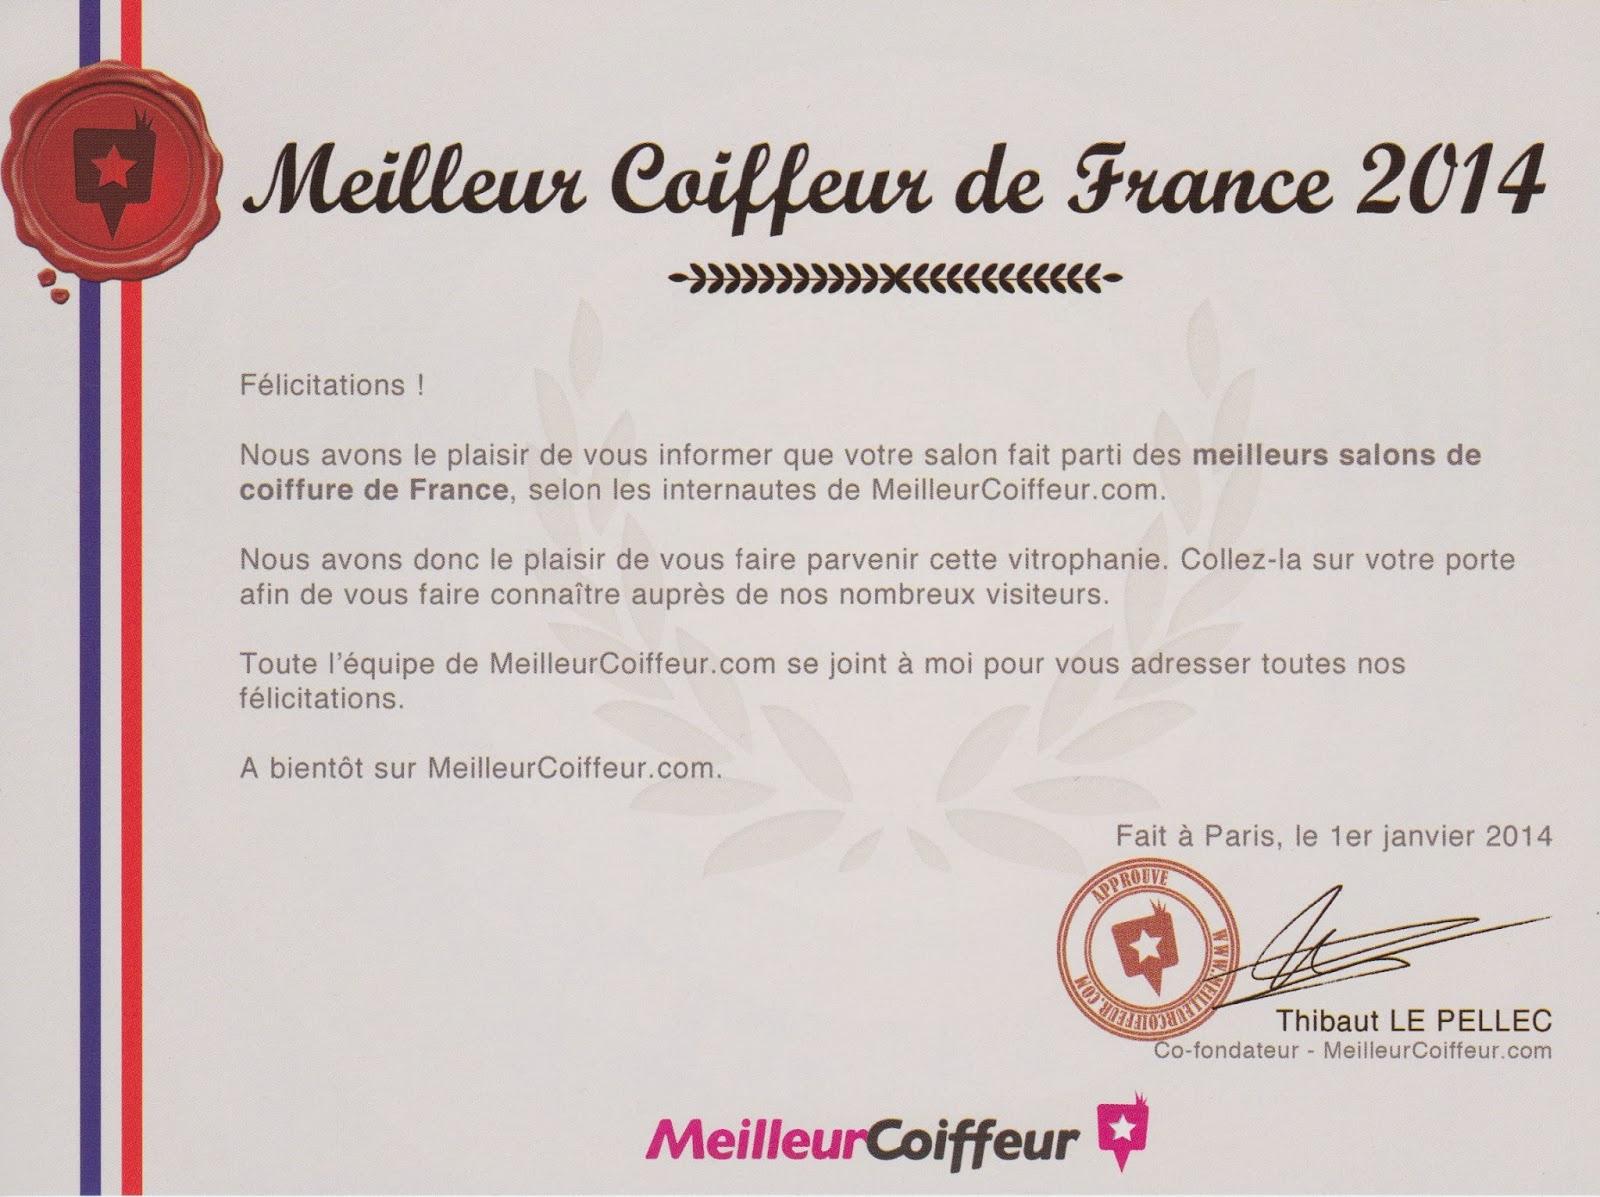 Le petit courrier nous signifiant être parmi les meilleurs coiffeurs de France selon les internautes de MeilleurCoiffeur.com